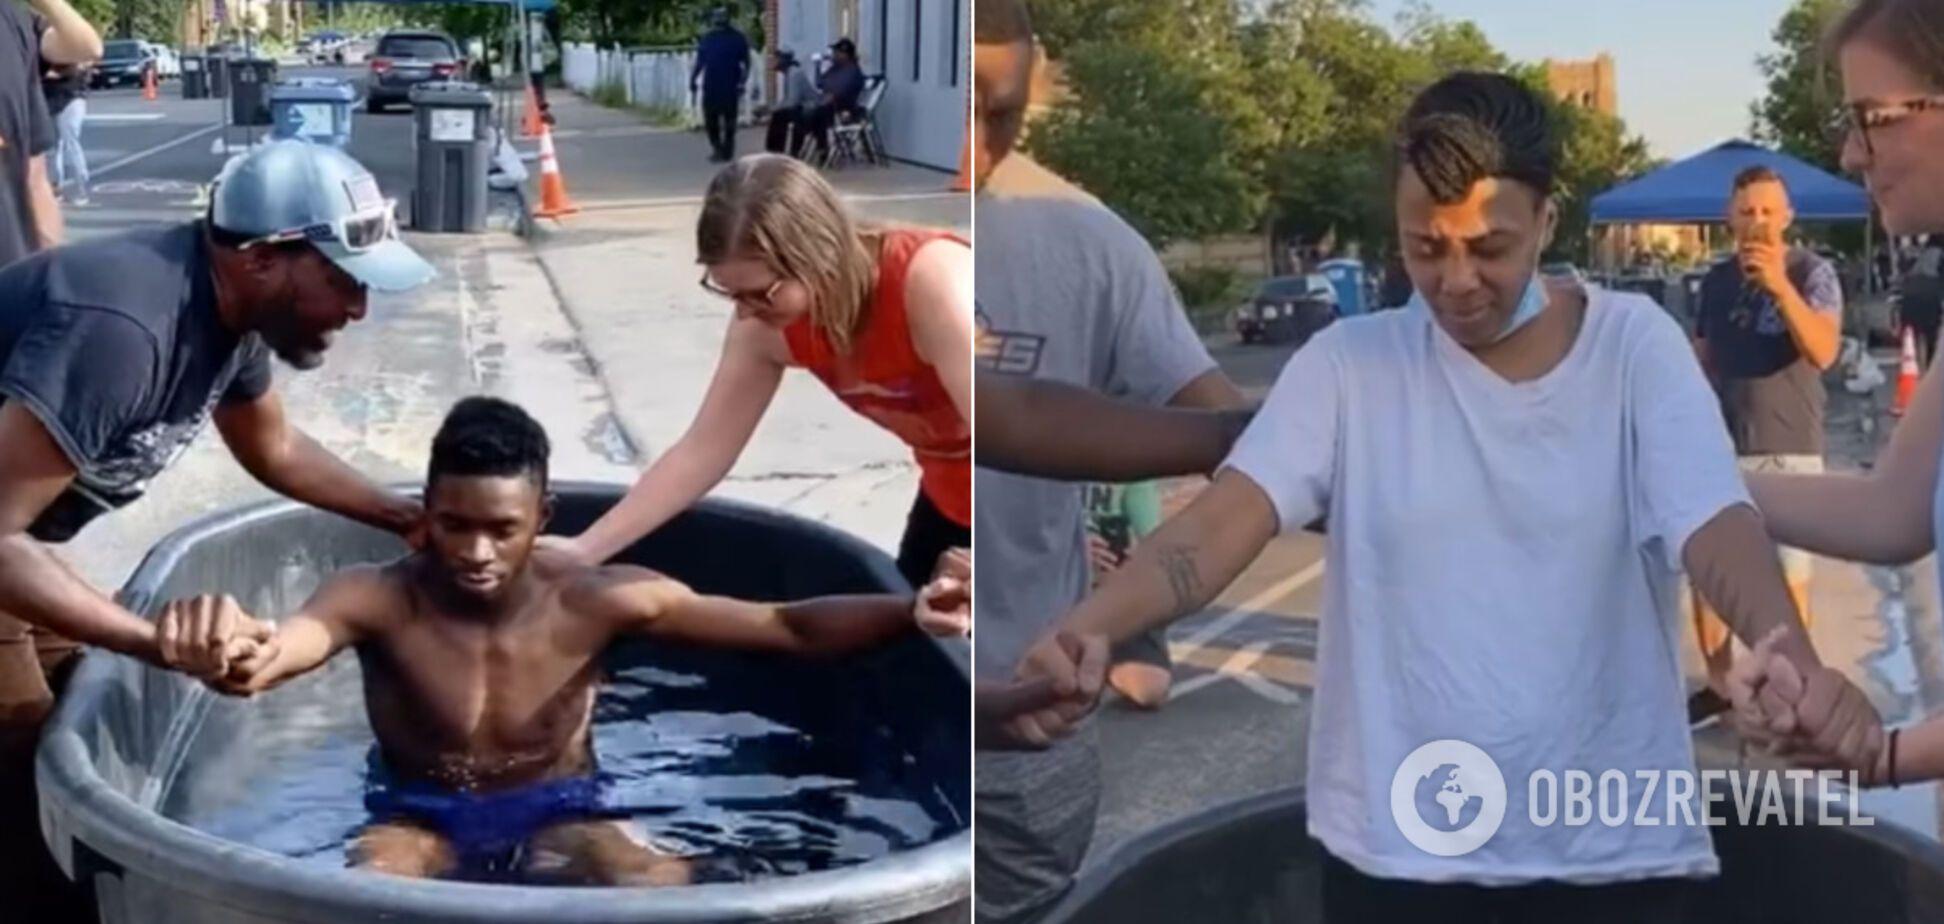 У США на місці вбивства Флойда почали хрестити і 'зцілювати' людей. Відео